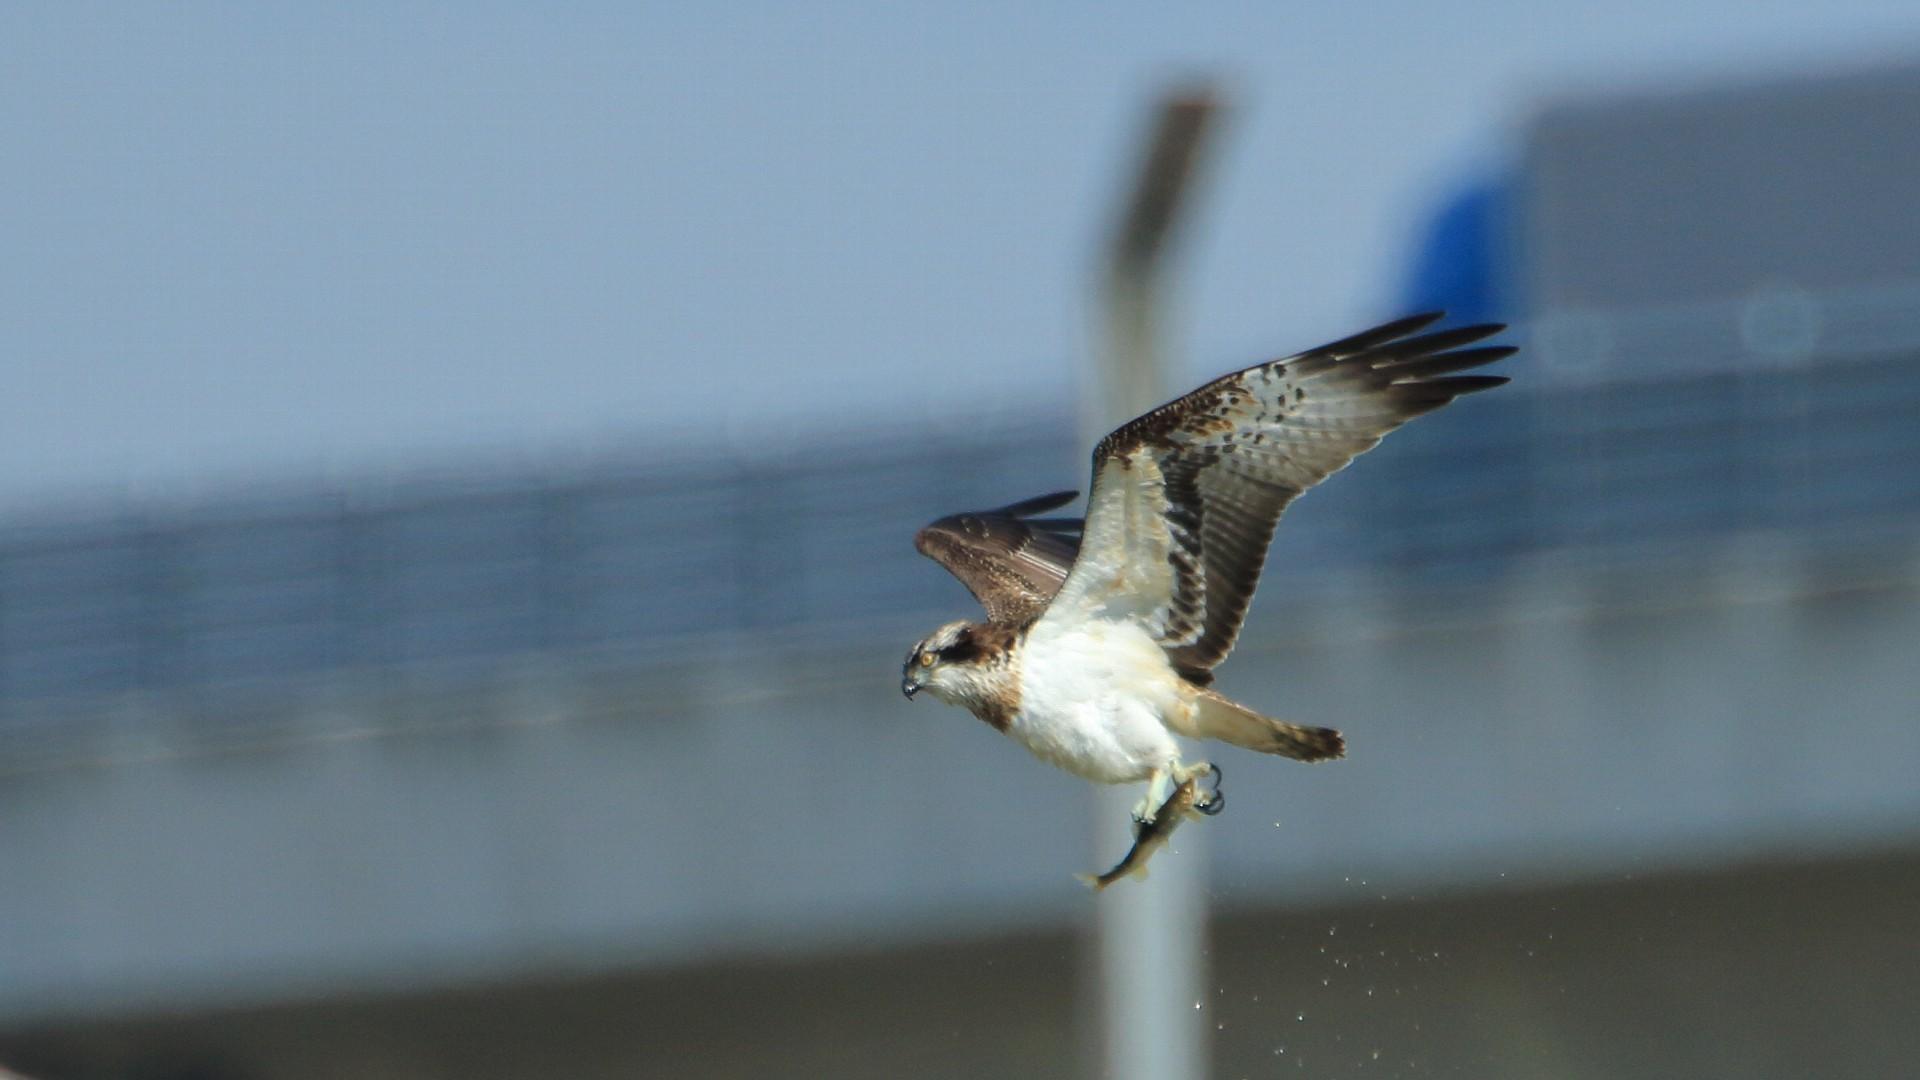 ミサゴが鮎を持って飛ぶ:背景は圏央道_f0105570_21080126.jpg